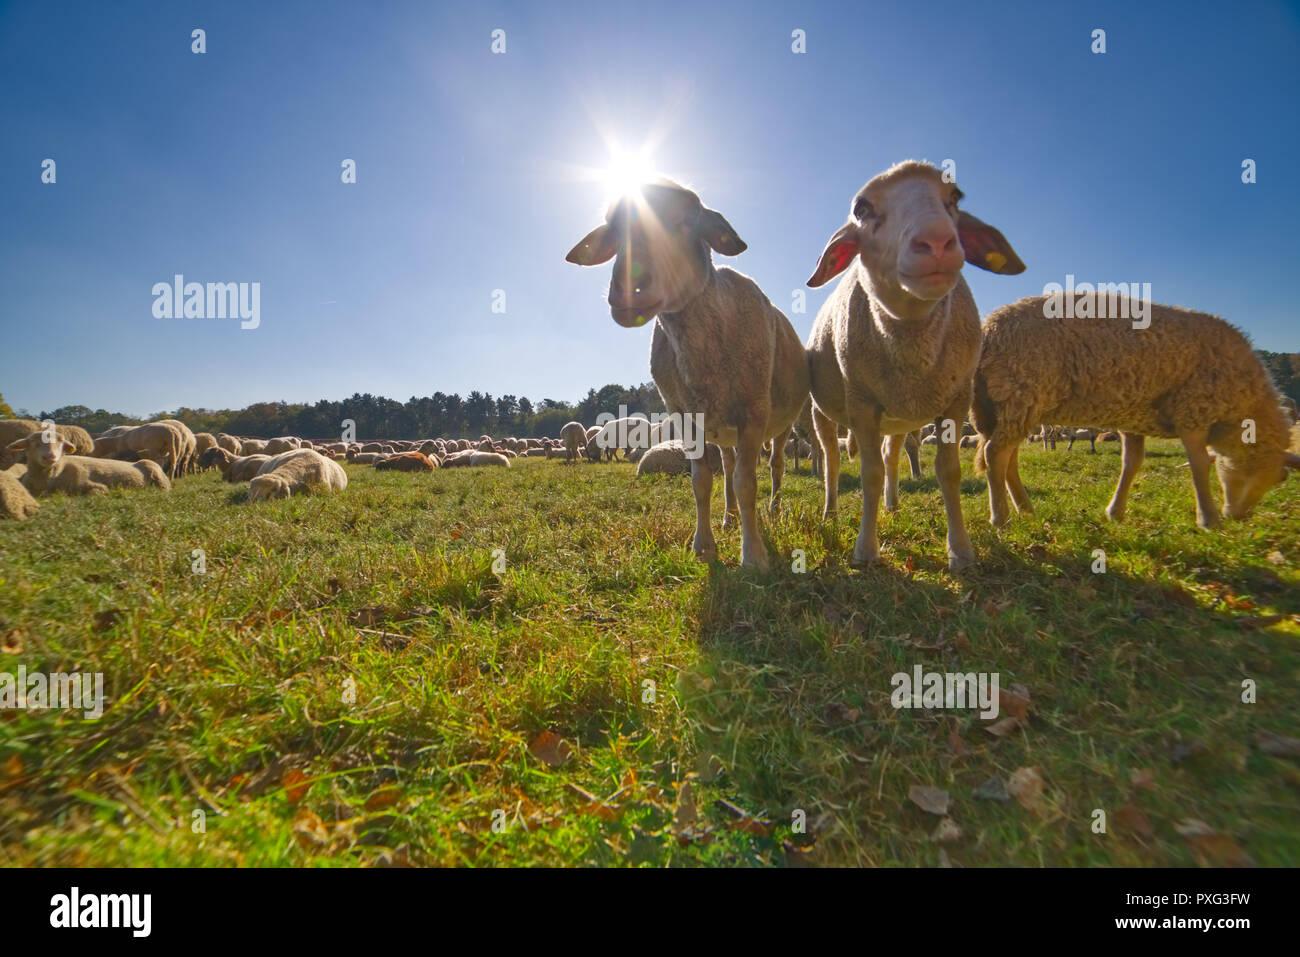 Schafe beim Weiden auf der Wiese - Schafsherde am Kalscheurer Weiher Stock Photo